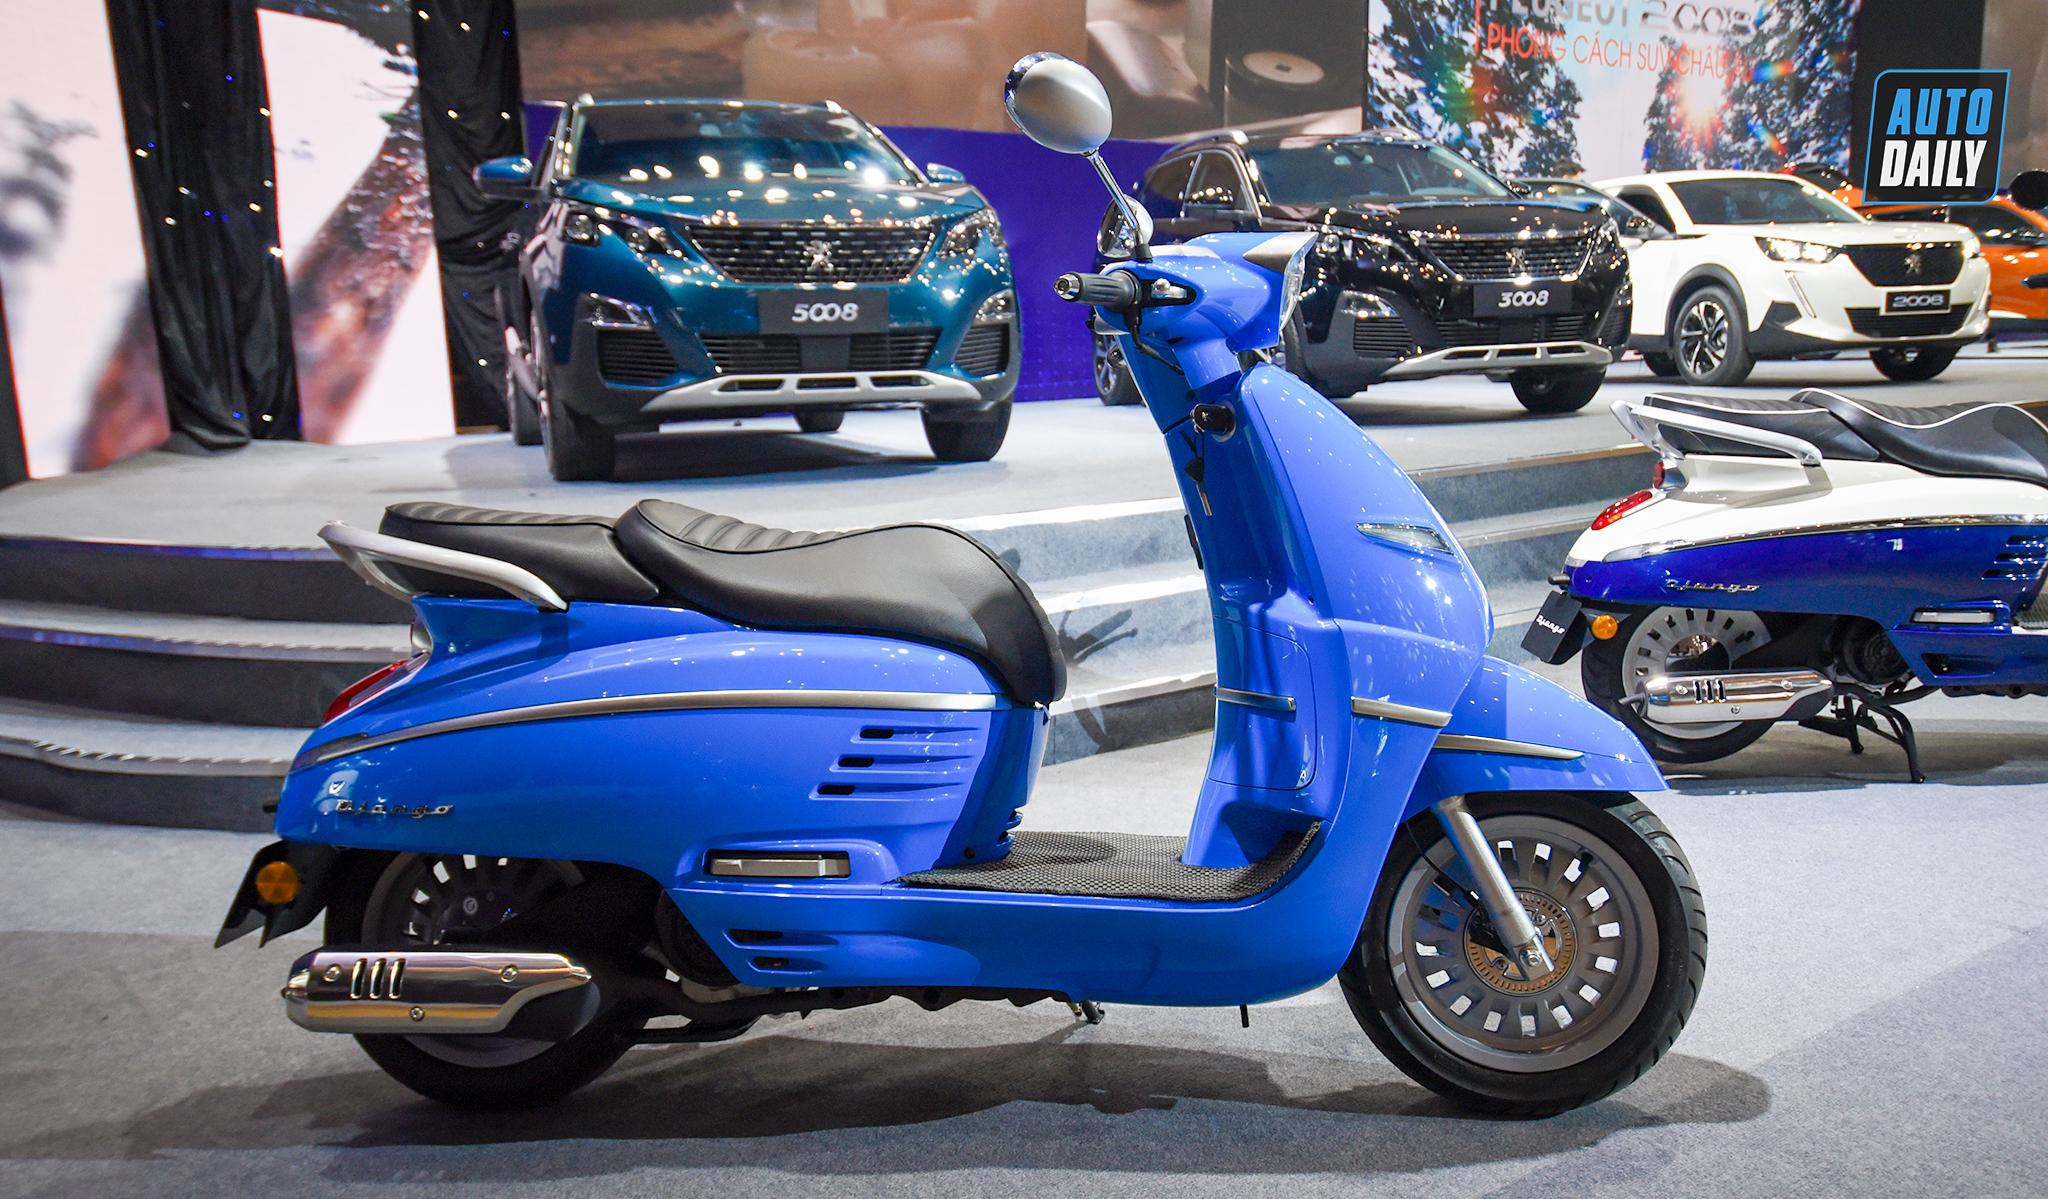 Xe máy Peugeot do Thaco sản xuất có gì đặc biệt để cạnh tranh với Vespa? - Ảnh 3.